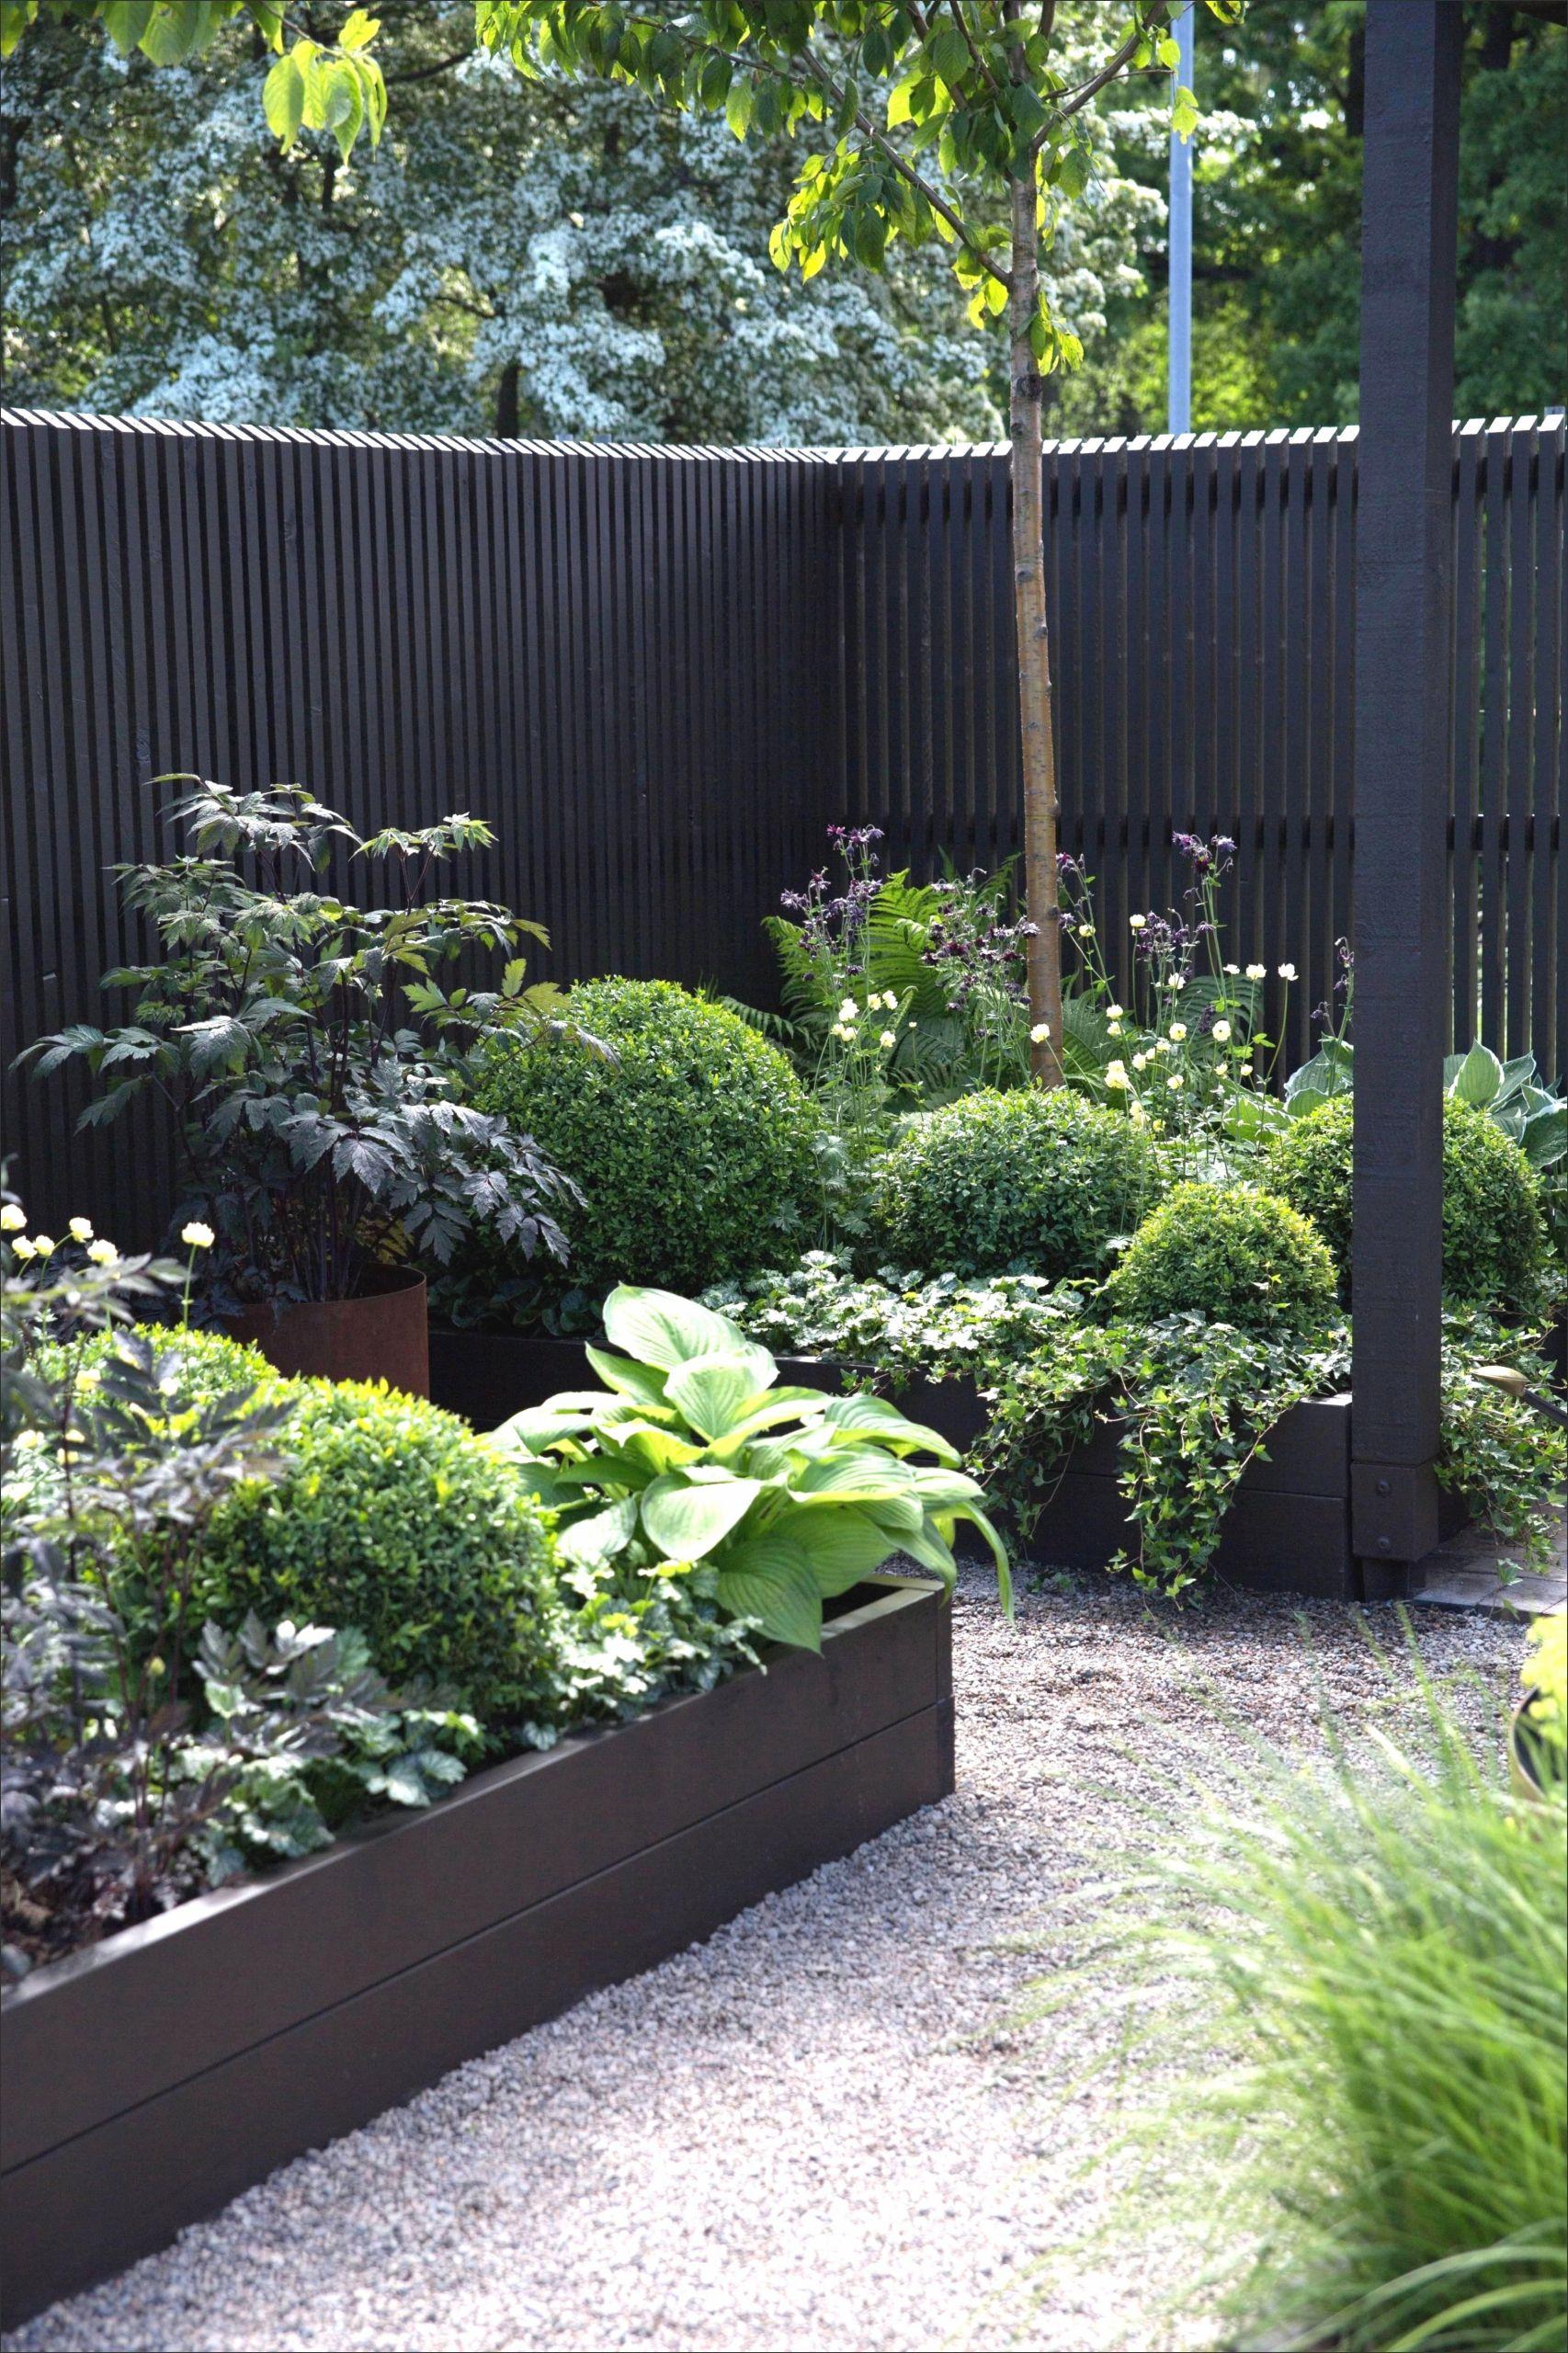 Deko Ideen Mit Steinen Im Garten Schön Gartengestaltung Ideen Mit Steinen — Temobardz Home Blog